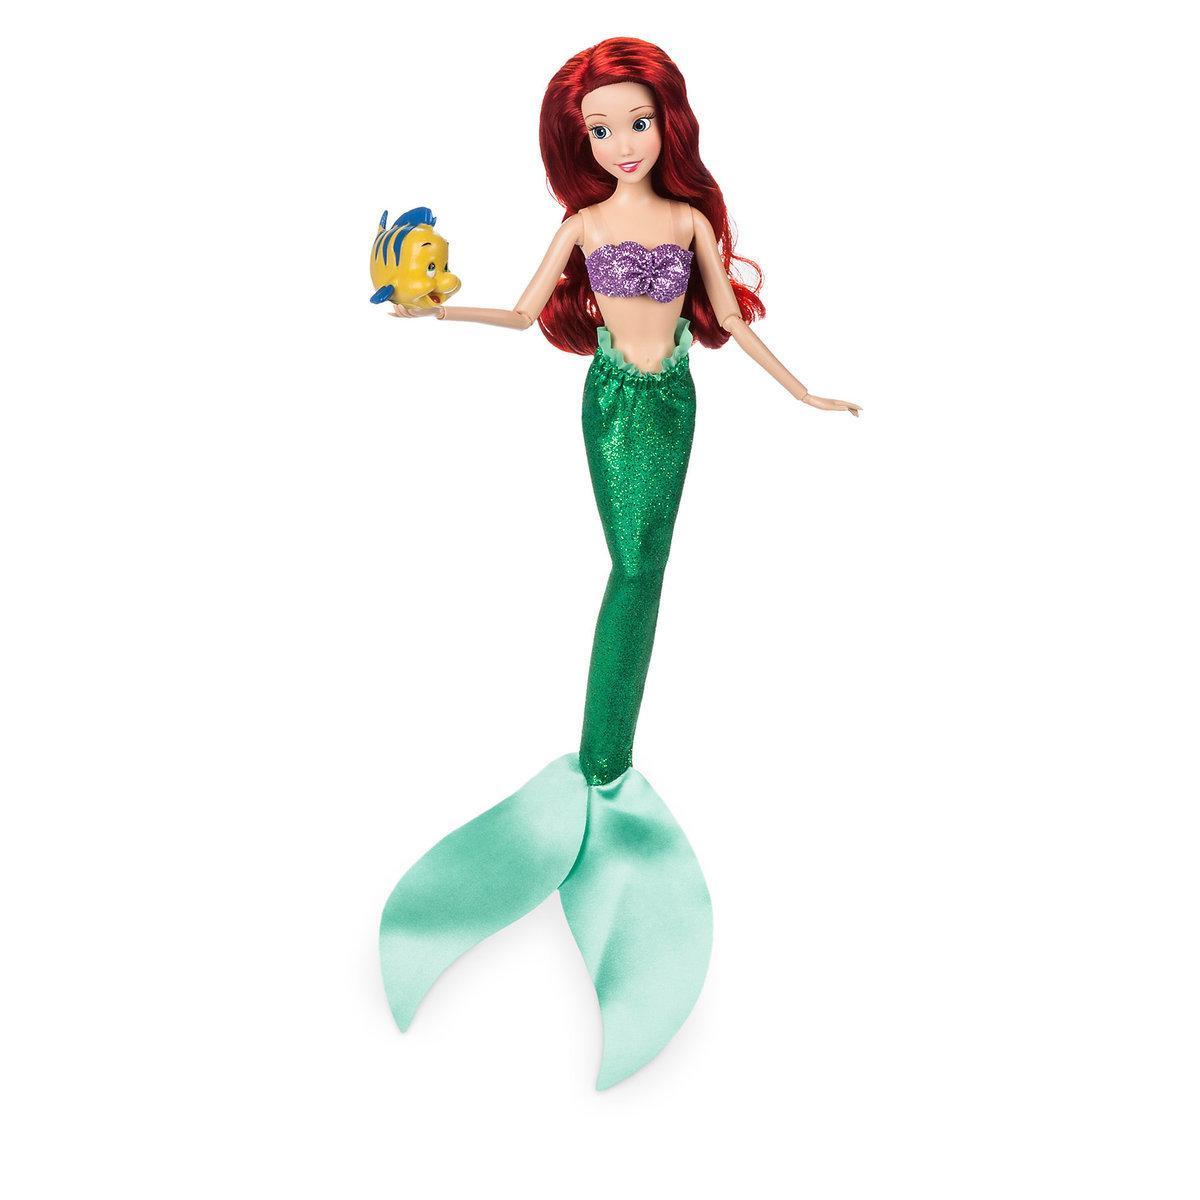 Disney Классическая кукла Принцесса Ариэль с рыбкой Флаундер - Русалоч